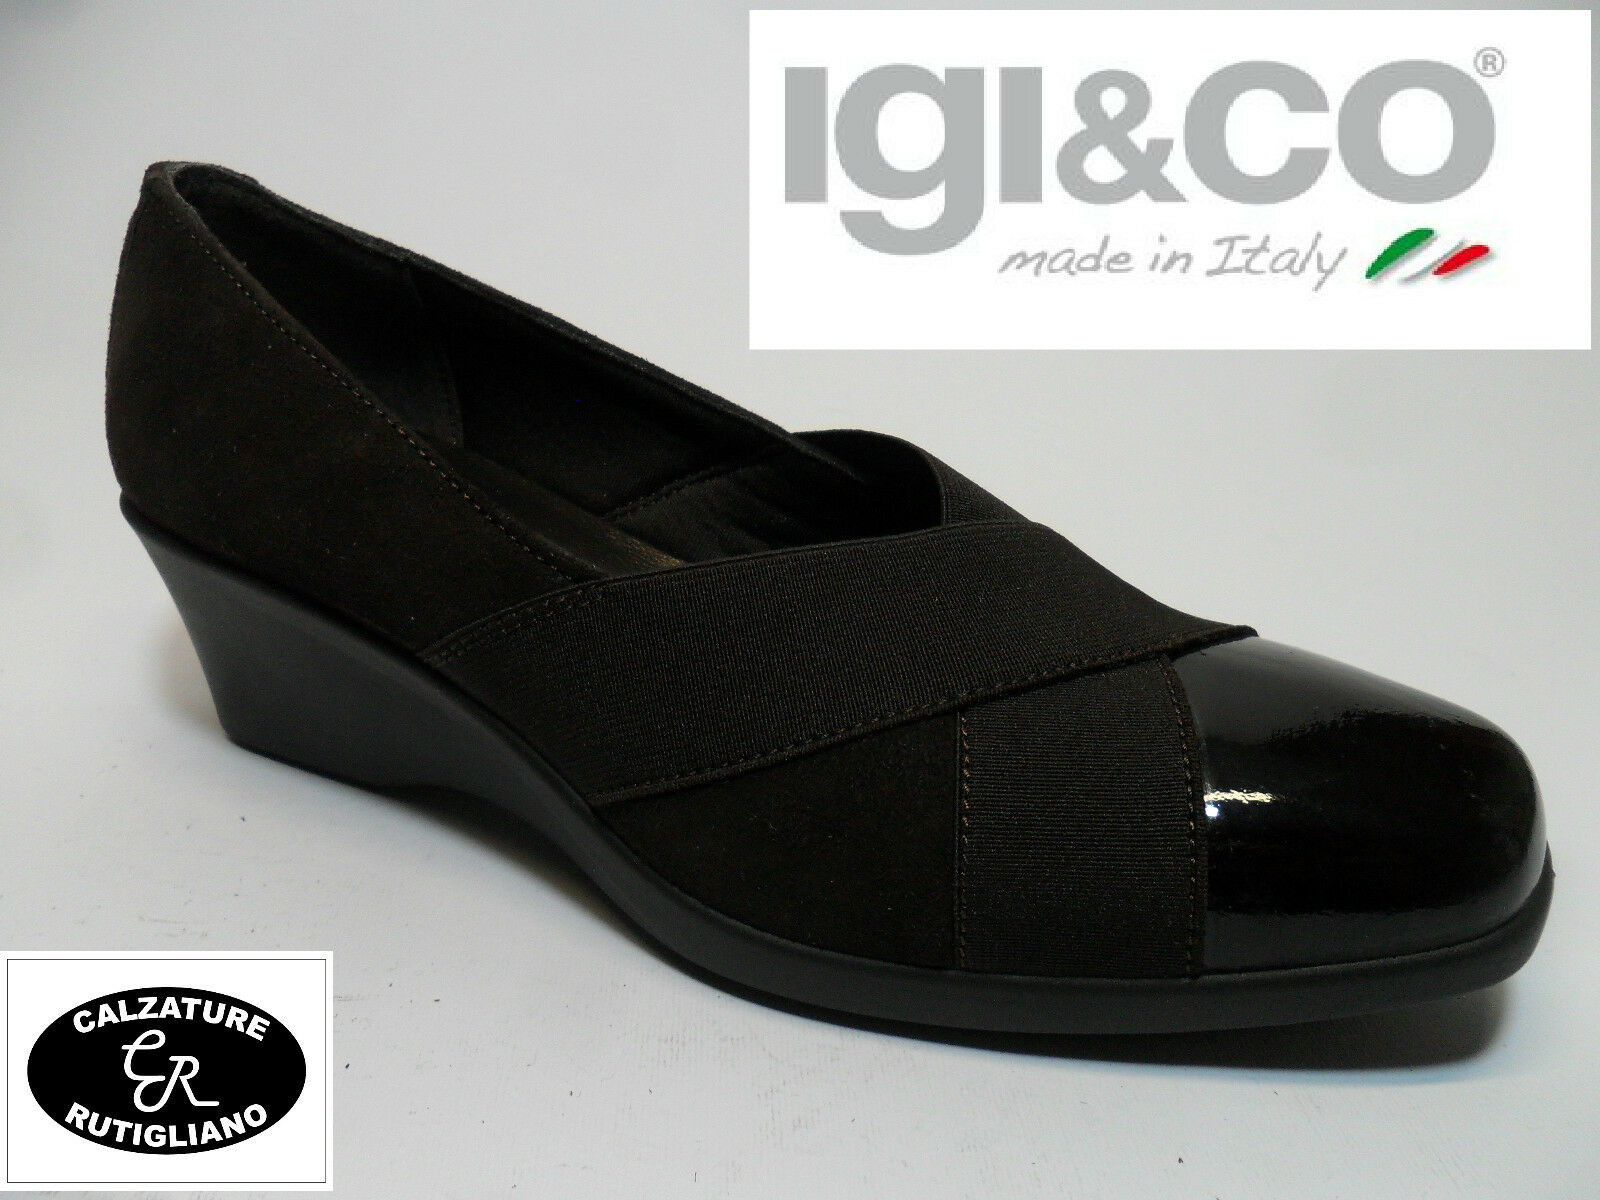 IGI & CO art.27981 zapatos mujer MODELLO MODELLO MODELLO DECOLLETE' CAMOSCIO marrón N.38 dfc08a